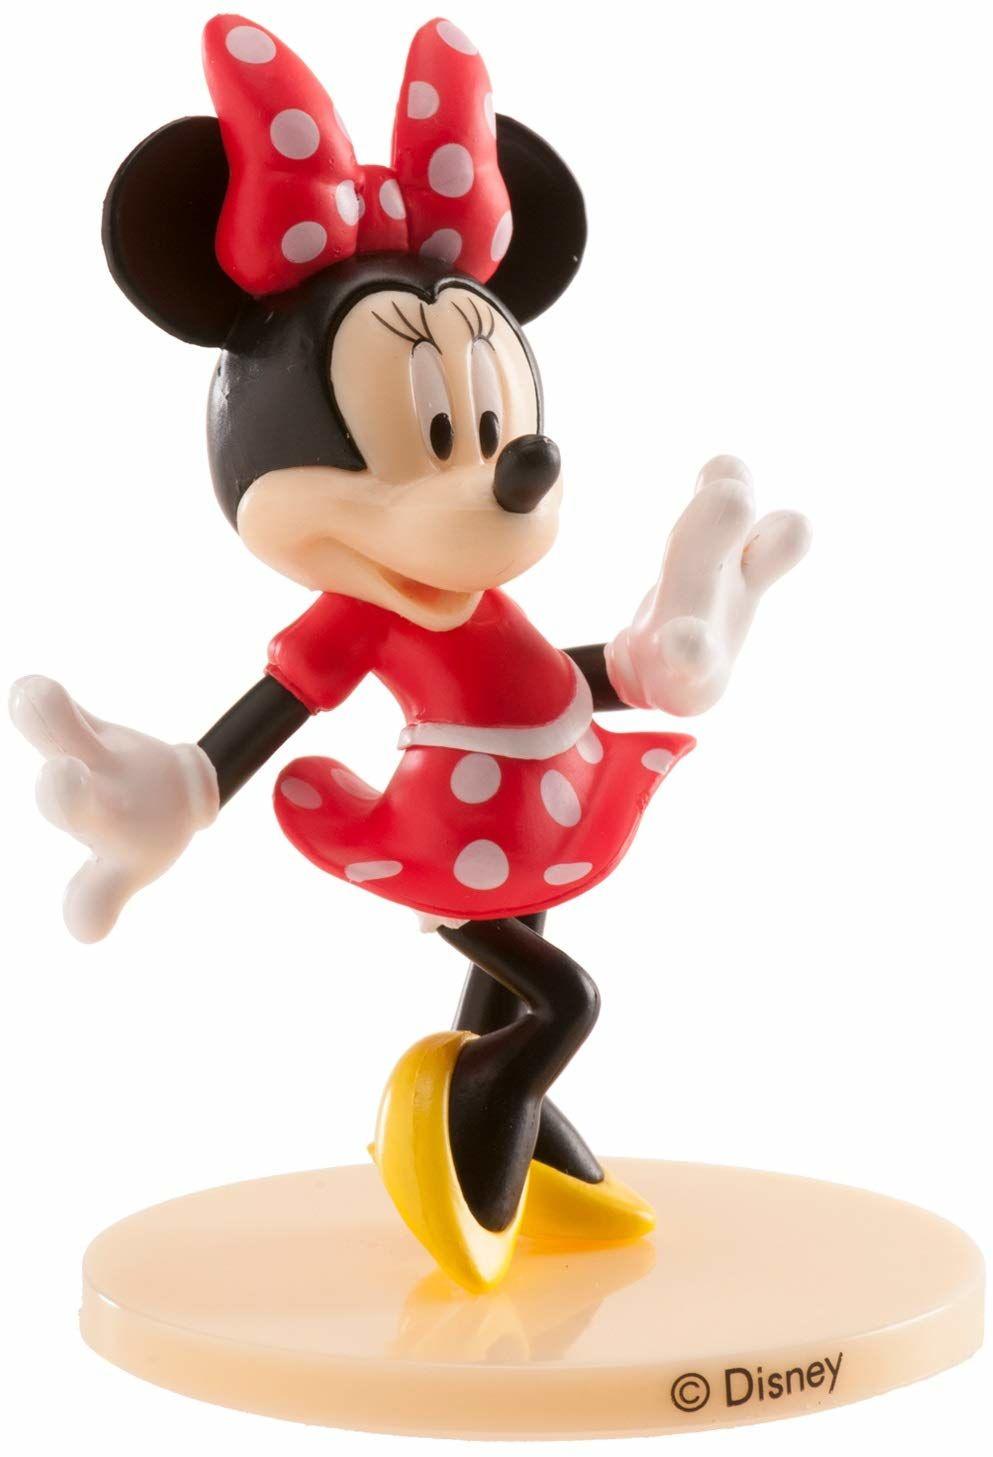 Dekora 347174 Disney Minnie Mouse figurka na tort z PCW 9 cm, wielokolorowa